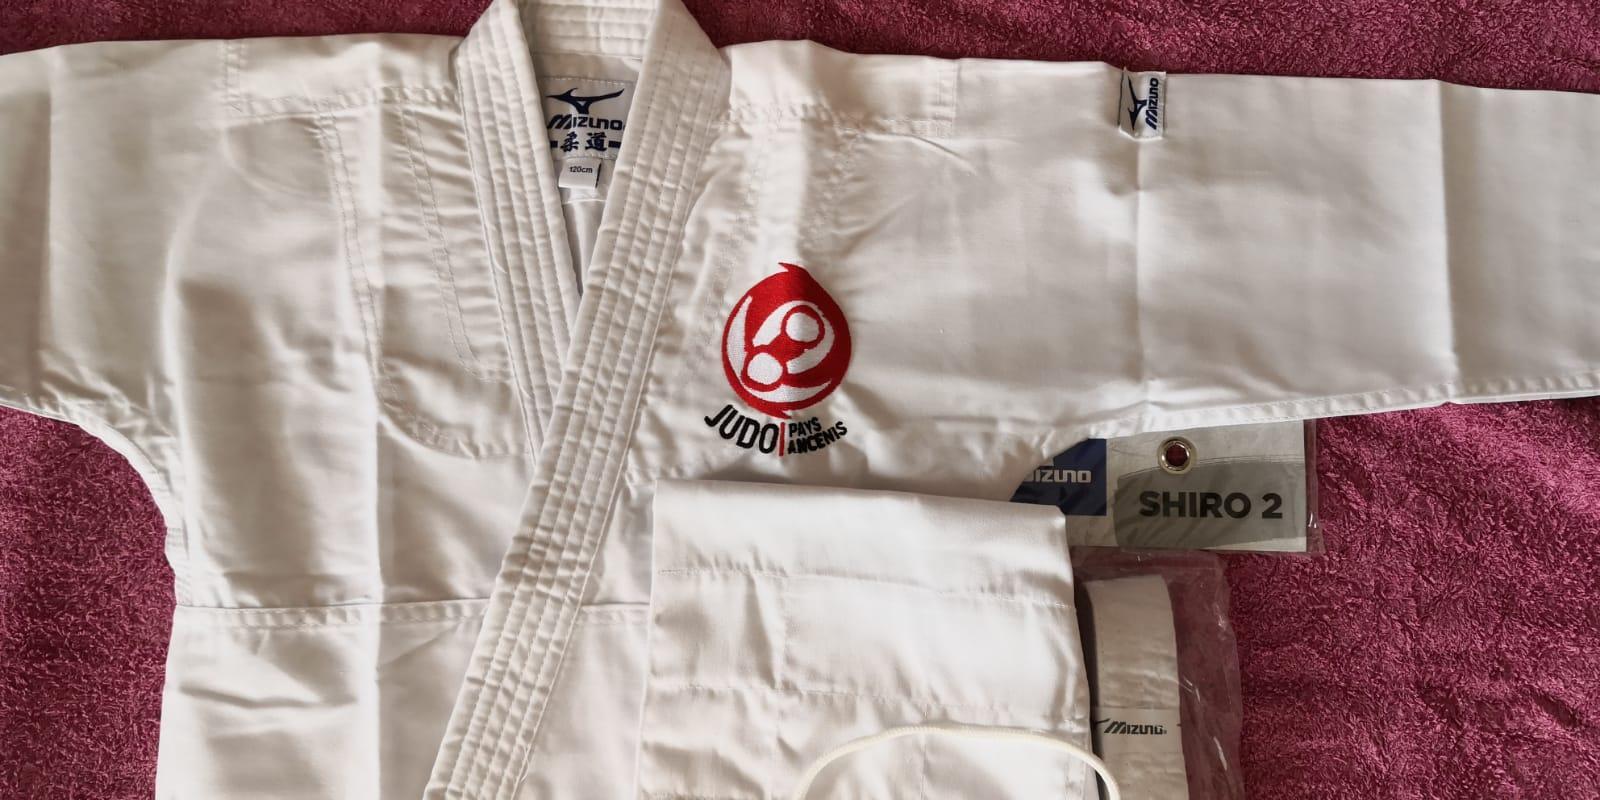 Judogi shiro